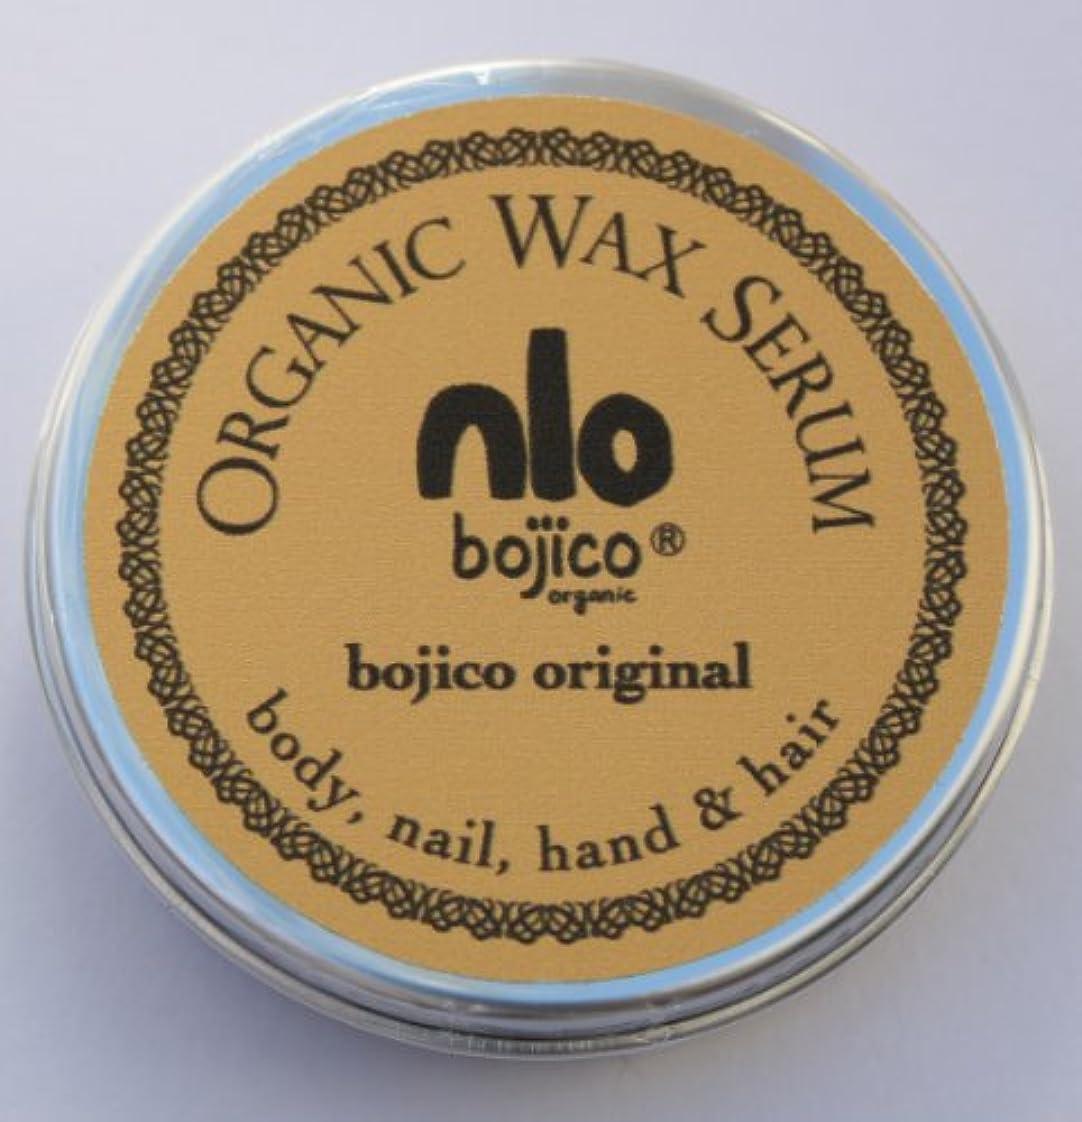 避けられないモニカ伝染病bojico オーガニック ワックス セラム<オリジナル> Organic Wax Serum 40g